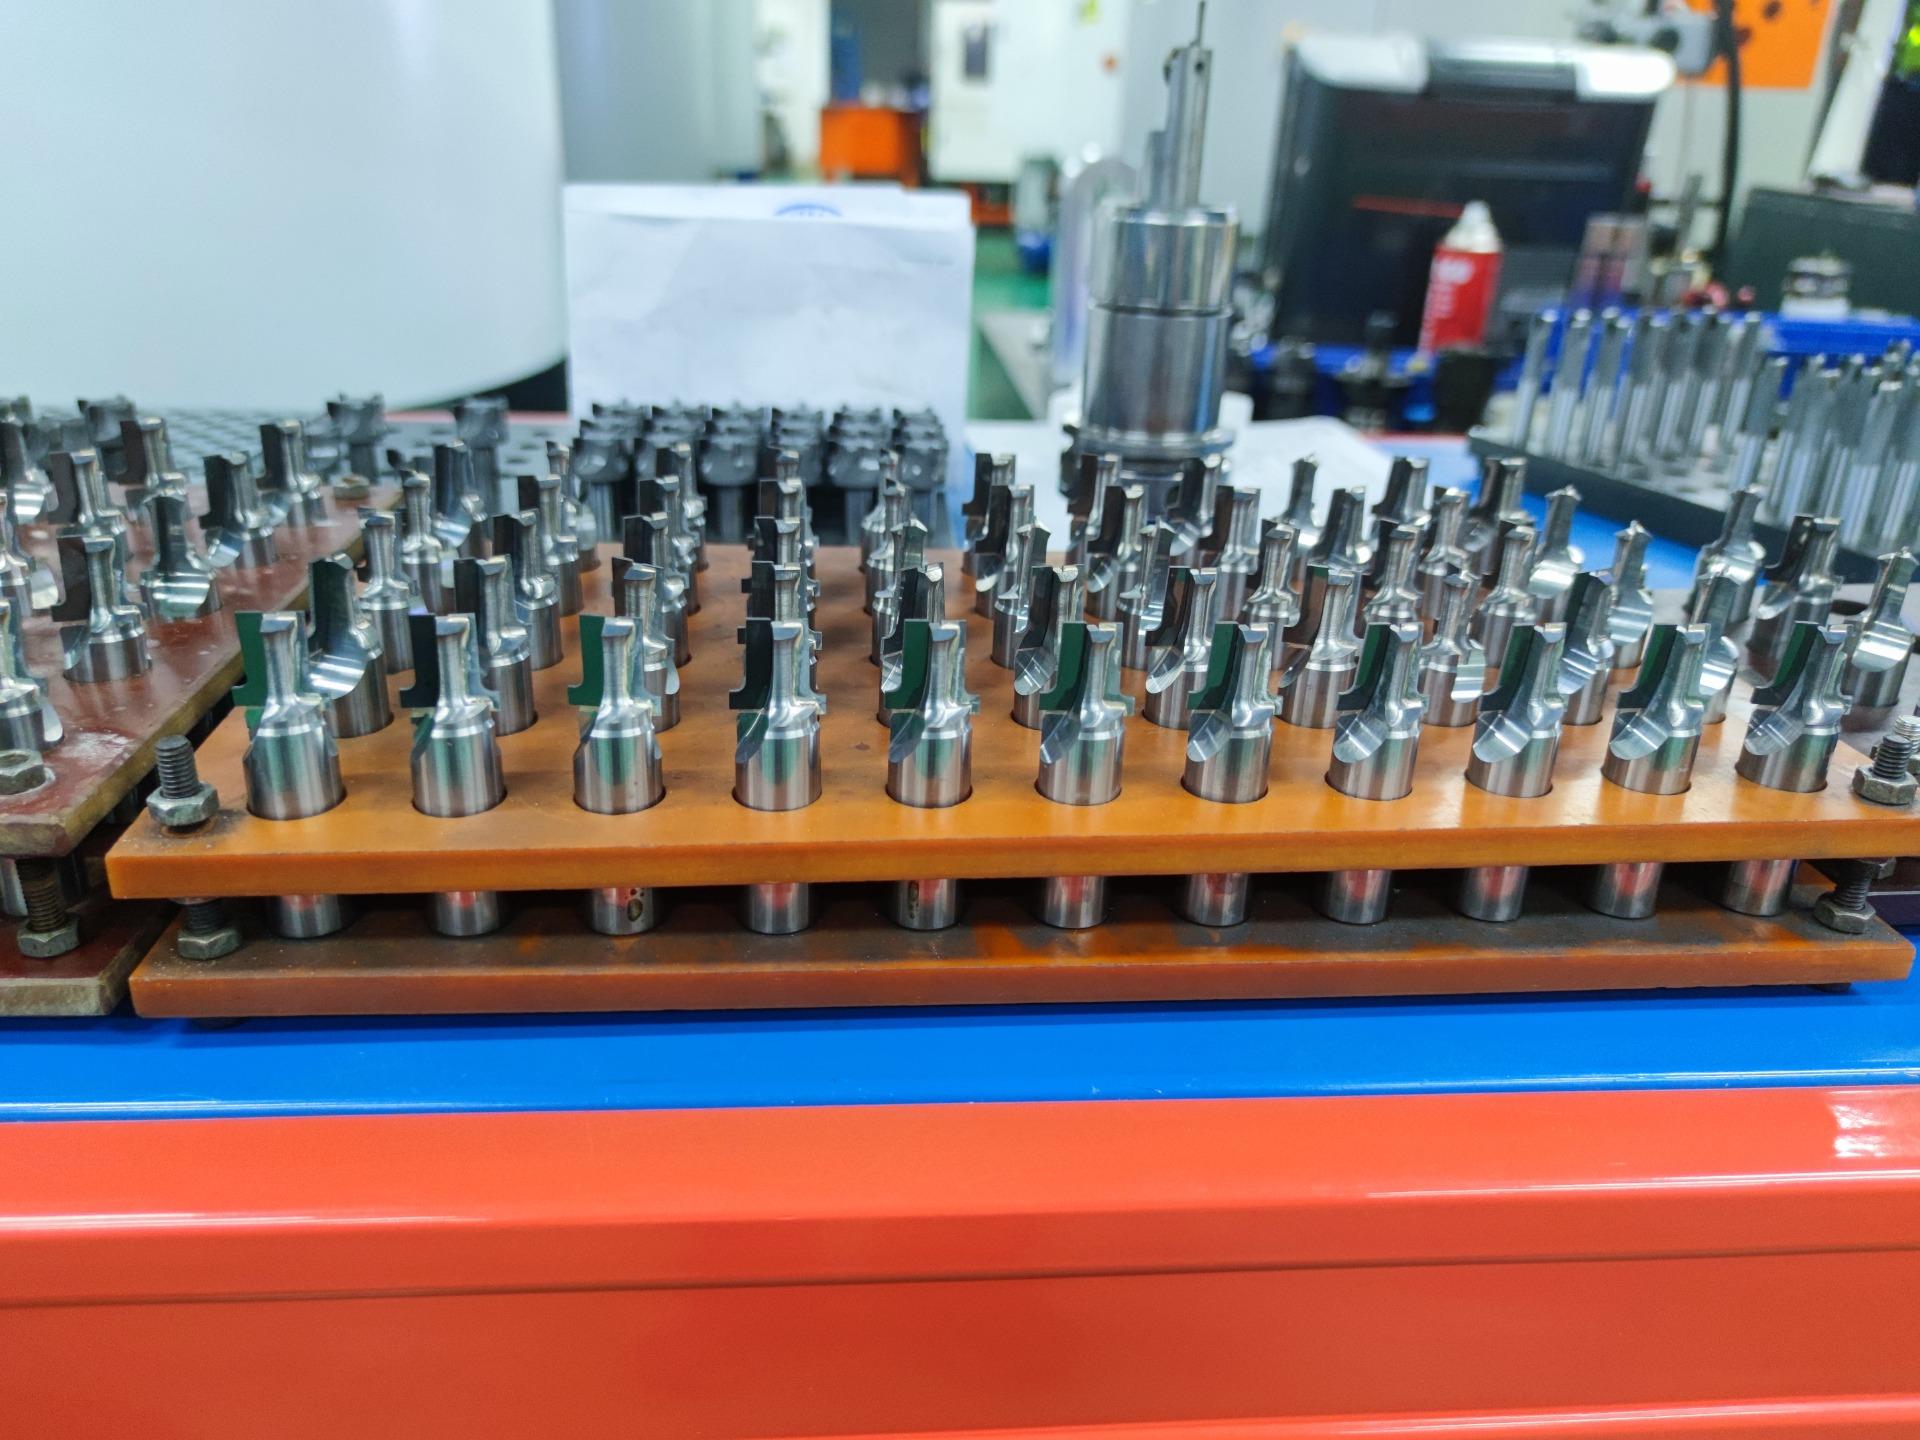 pcd(金刚石,钻石)刀具和pcbn(立方氮化硼)刀具应用领域加工范围